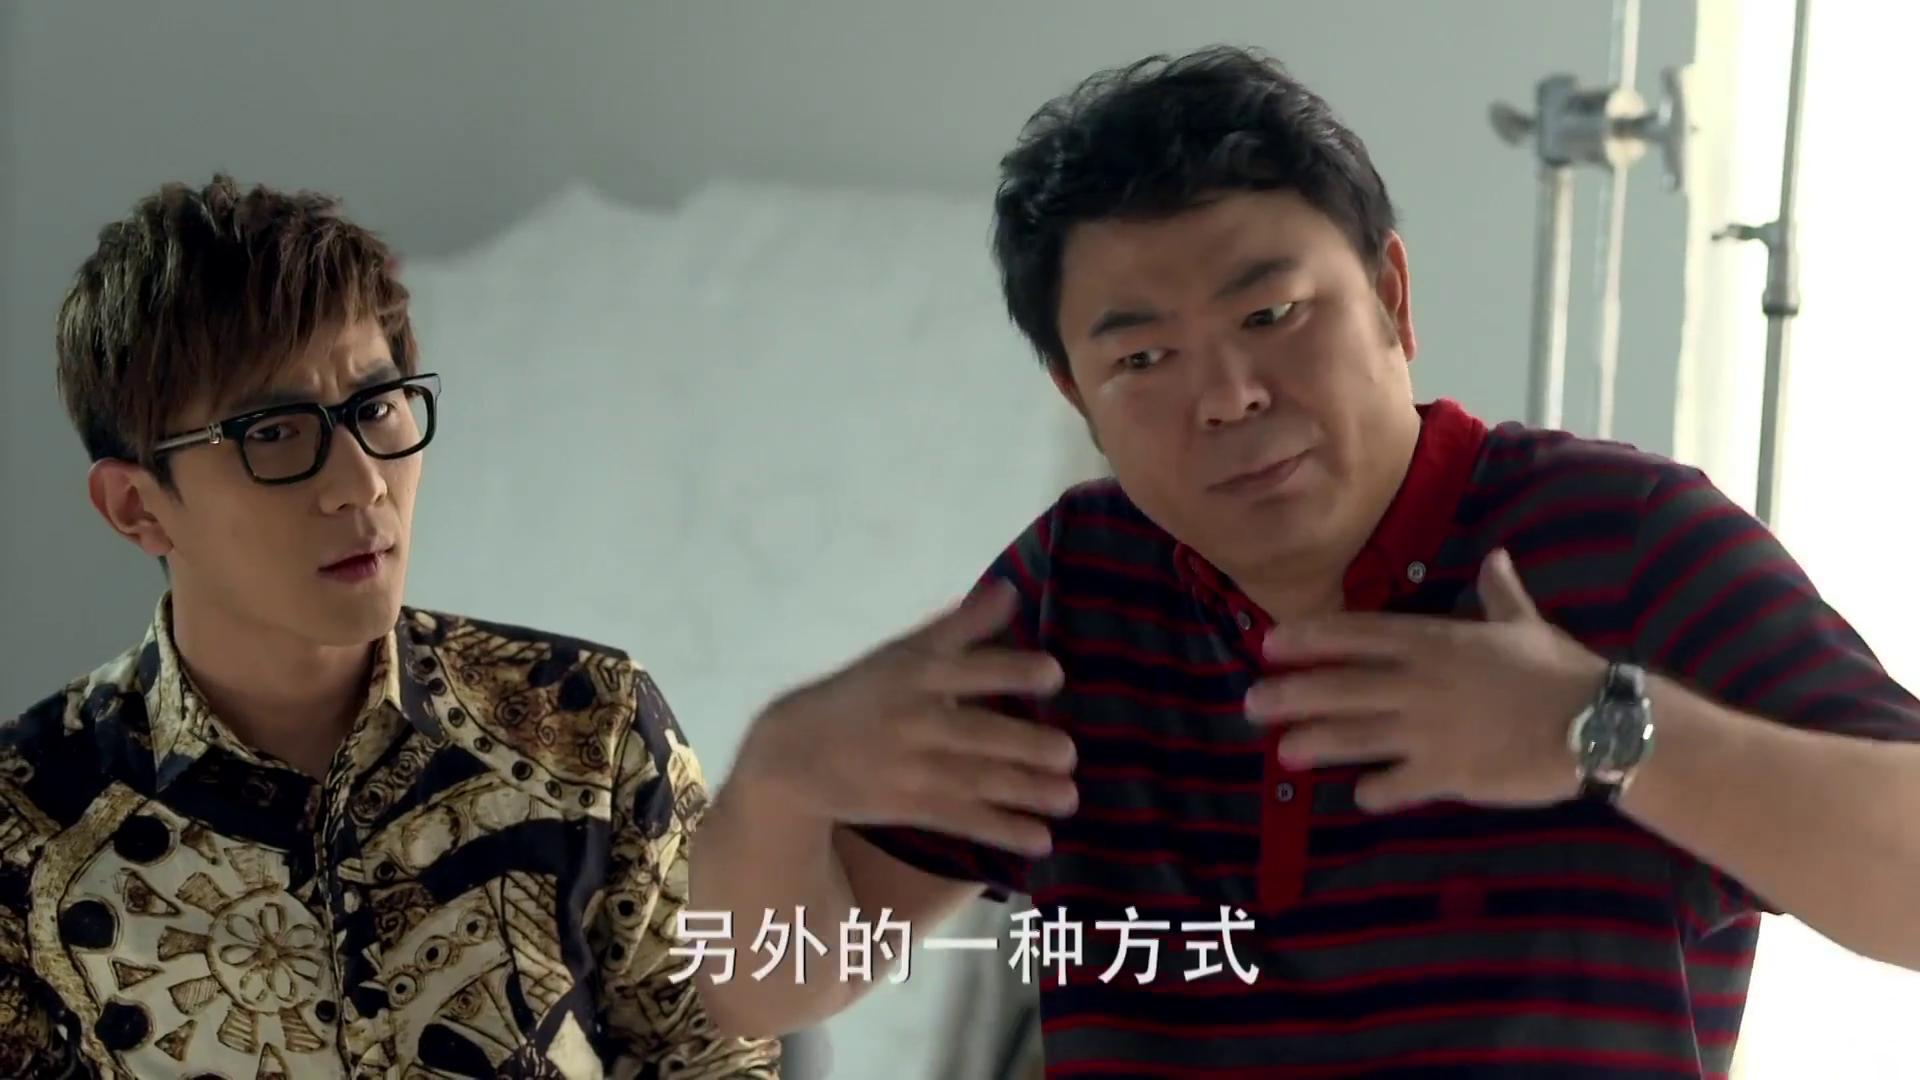 《咱们结婚吧》-第7集精彩看点 孙总示范卖商品 妖娆身姿惹众笑